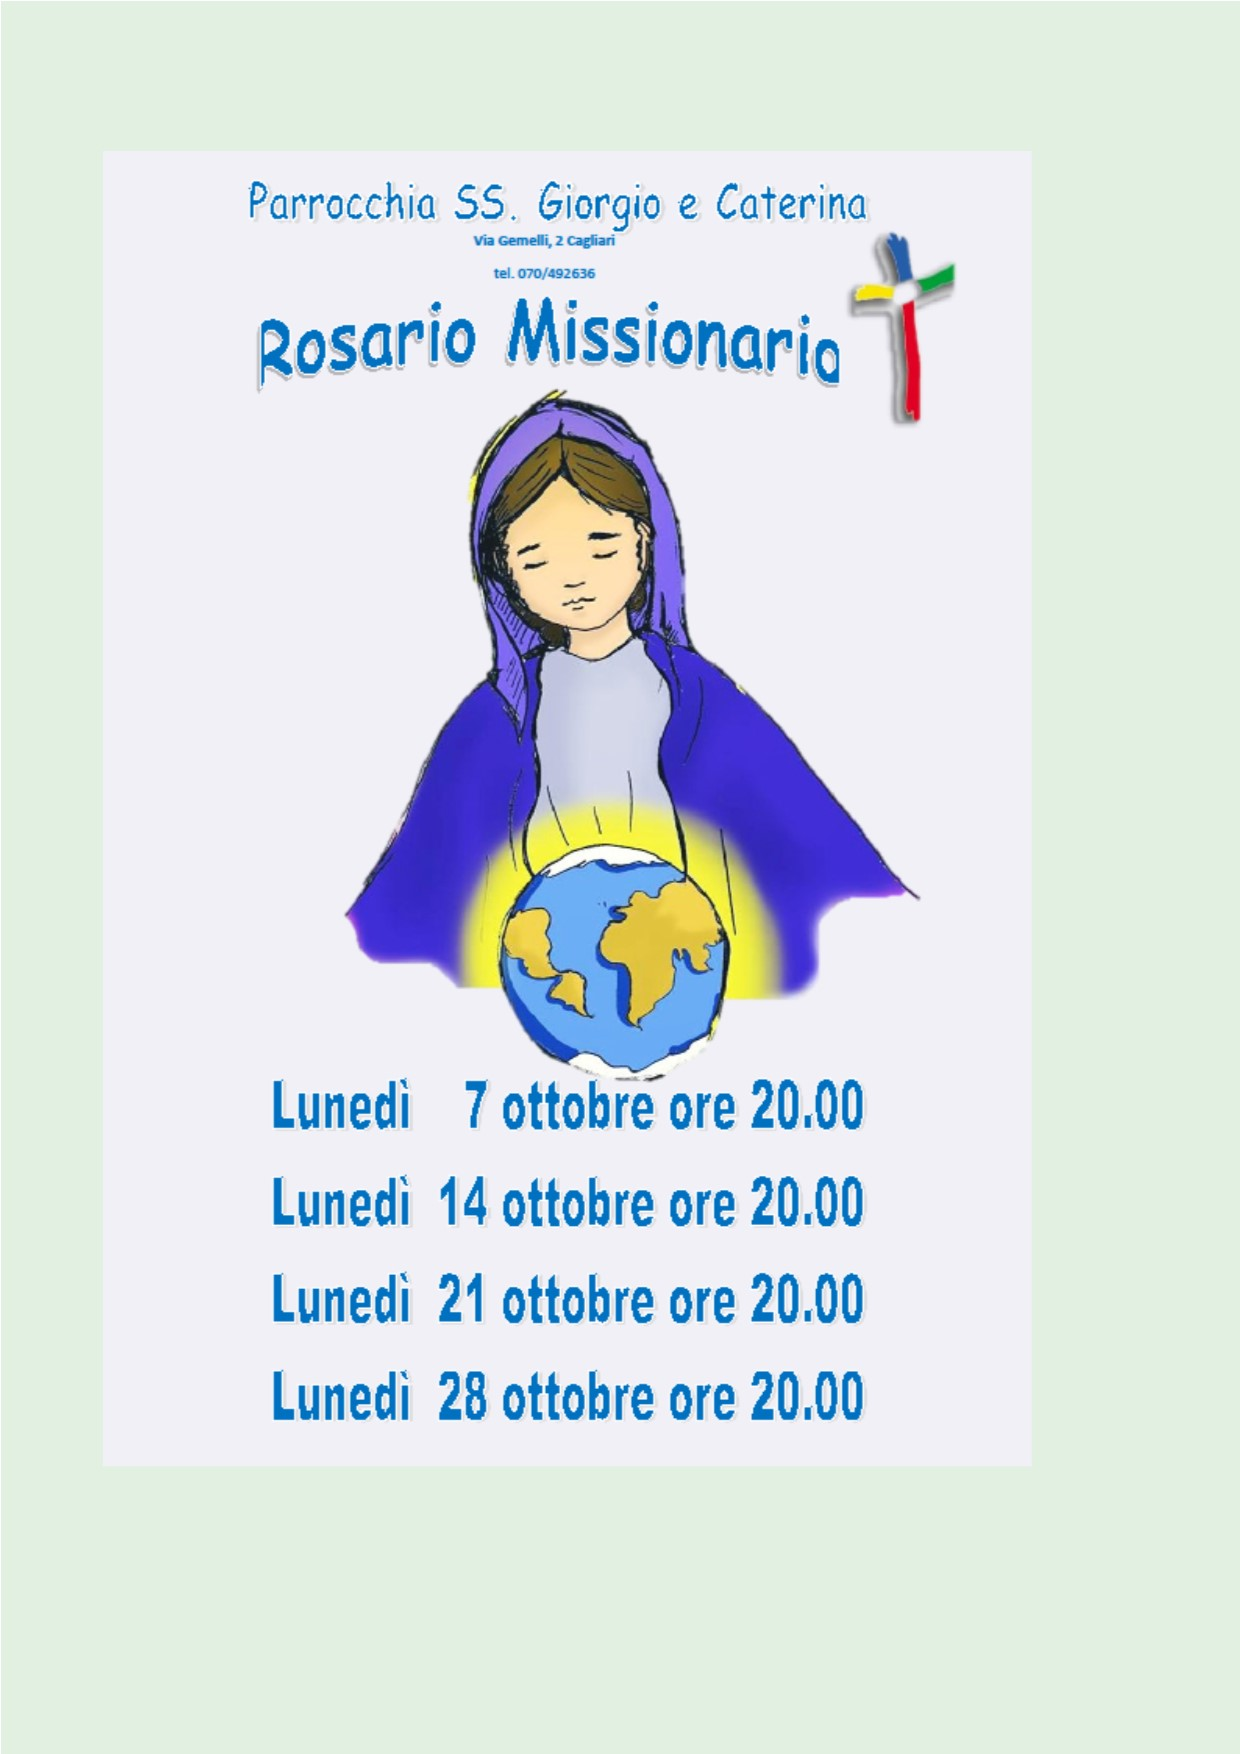 rosario-missionario-2019